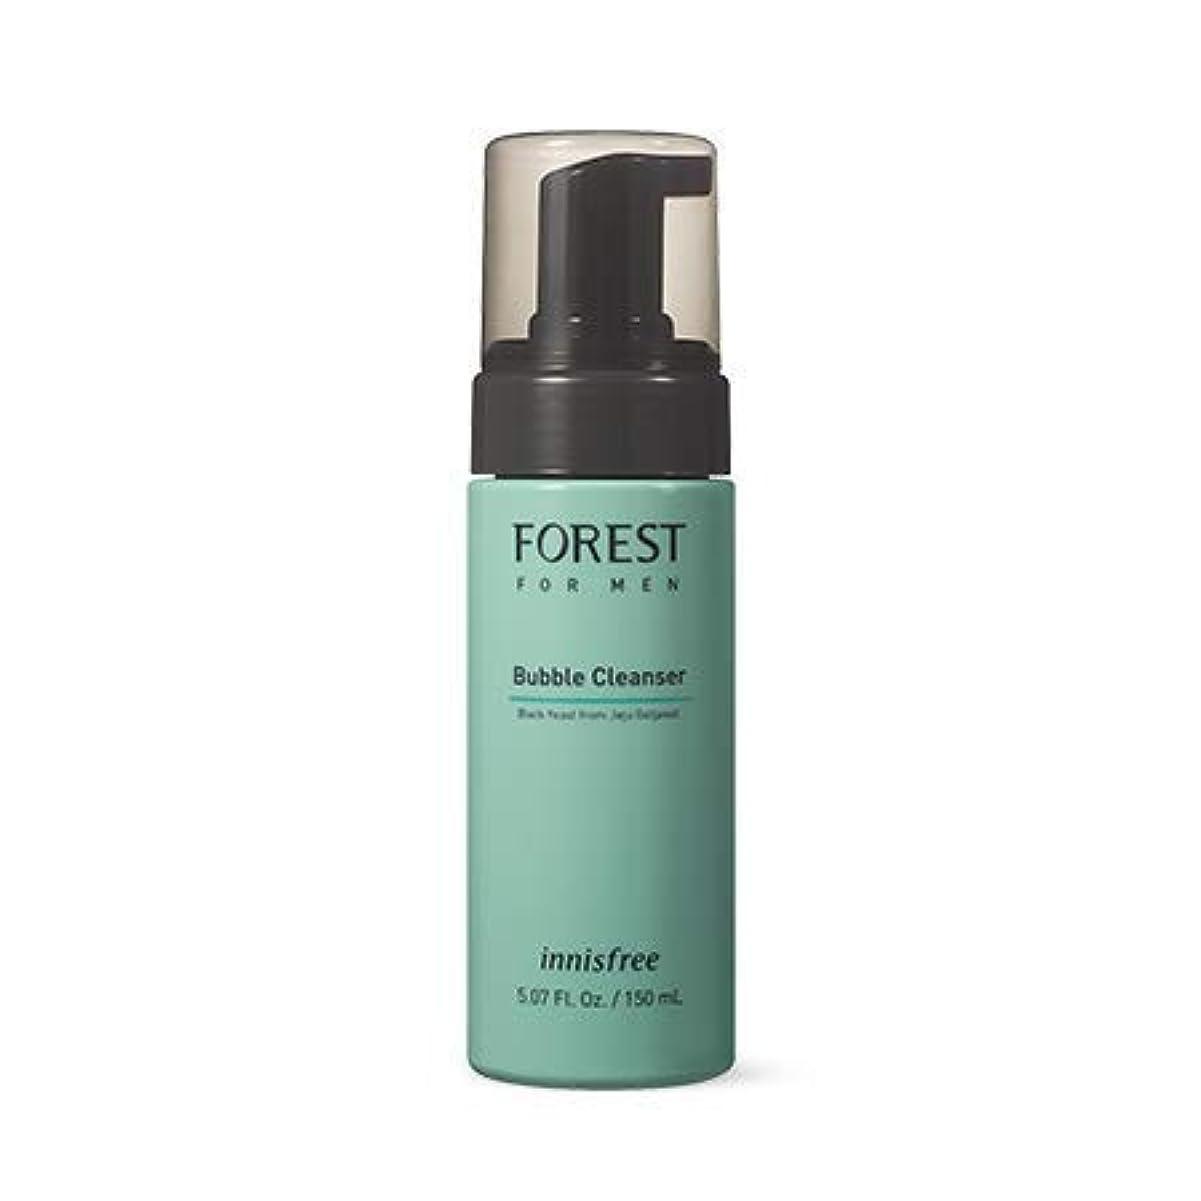 囲いこだわり論文[イニスフリー.innisfree]フォレストフォアマンバブルクレンザー150mL Forest for Men Bubble Cleanser